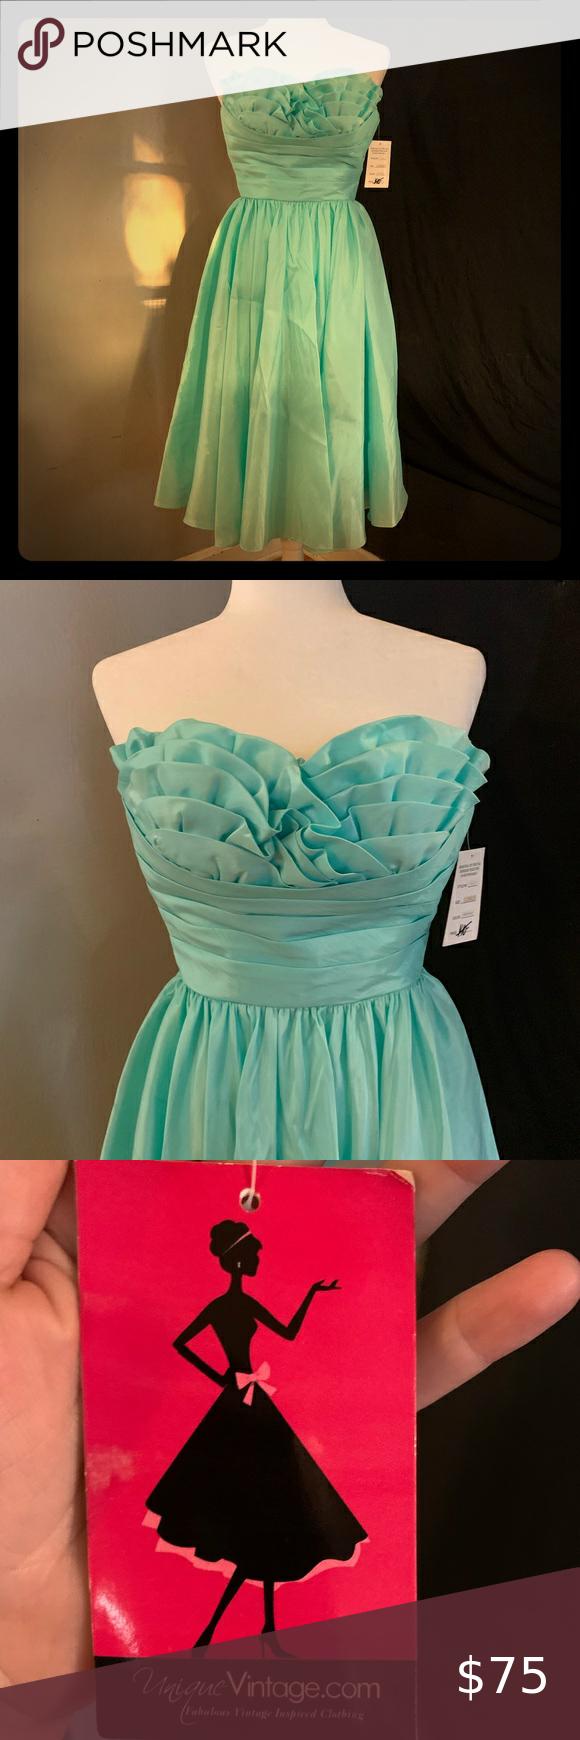 Unique Vintage 1950 S Style Formal Dress In 2020 Unique Vintage Dresses Colorful Dresses Dresses